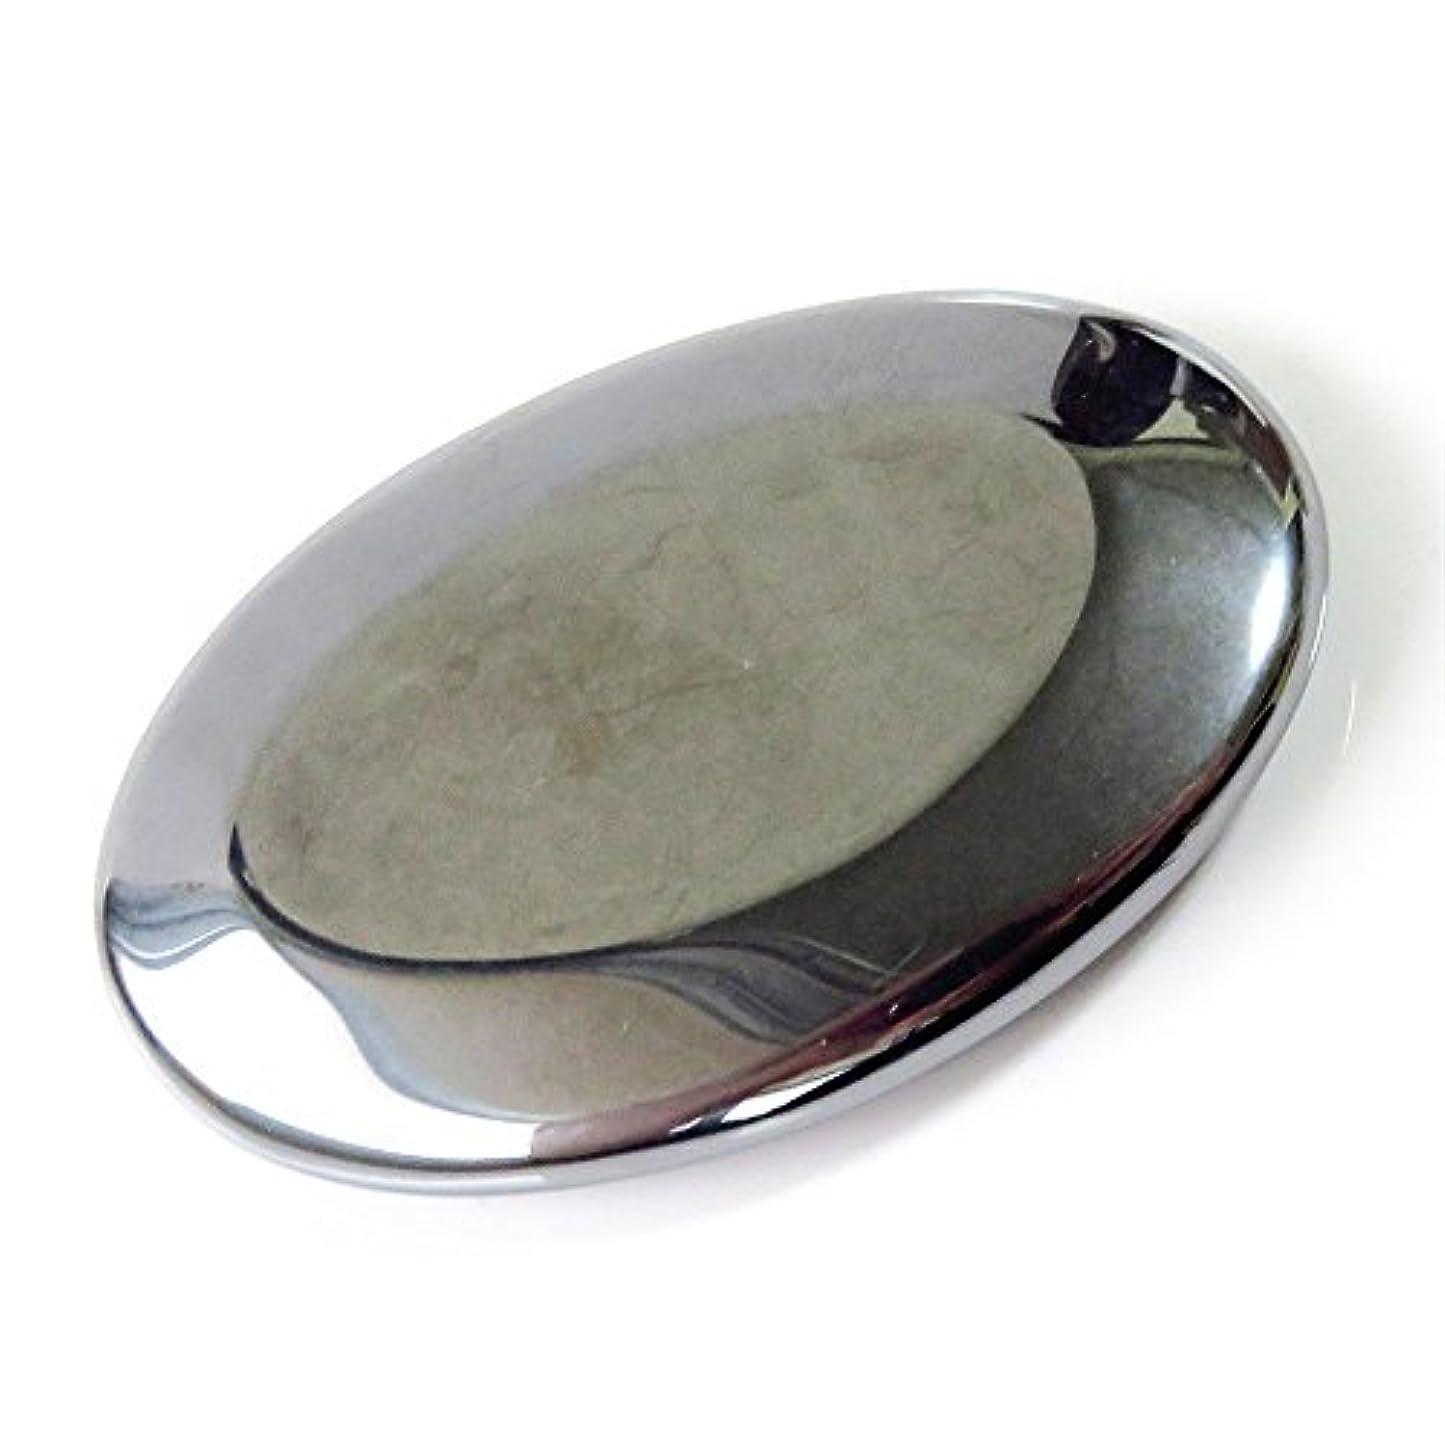 プランター石鹸ヒョウエステ業界も注目 テラヘルツ鉱石かっさプレート 楕円型